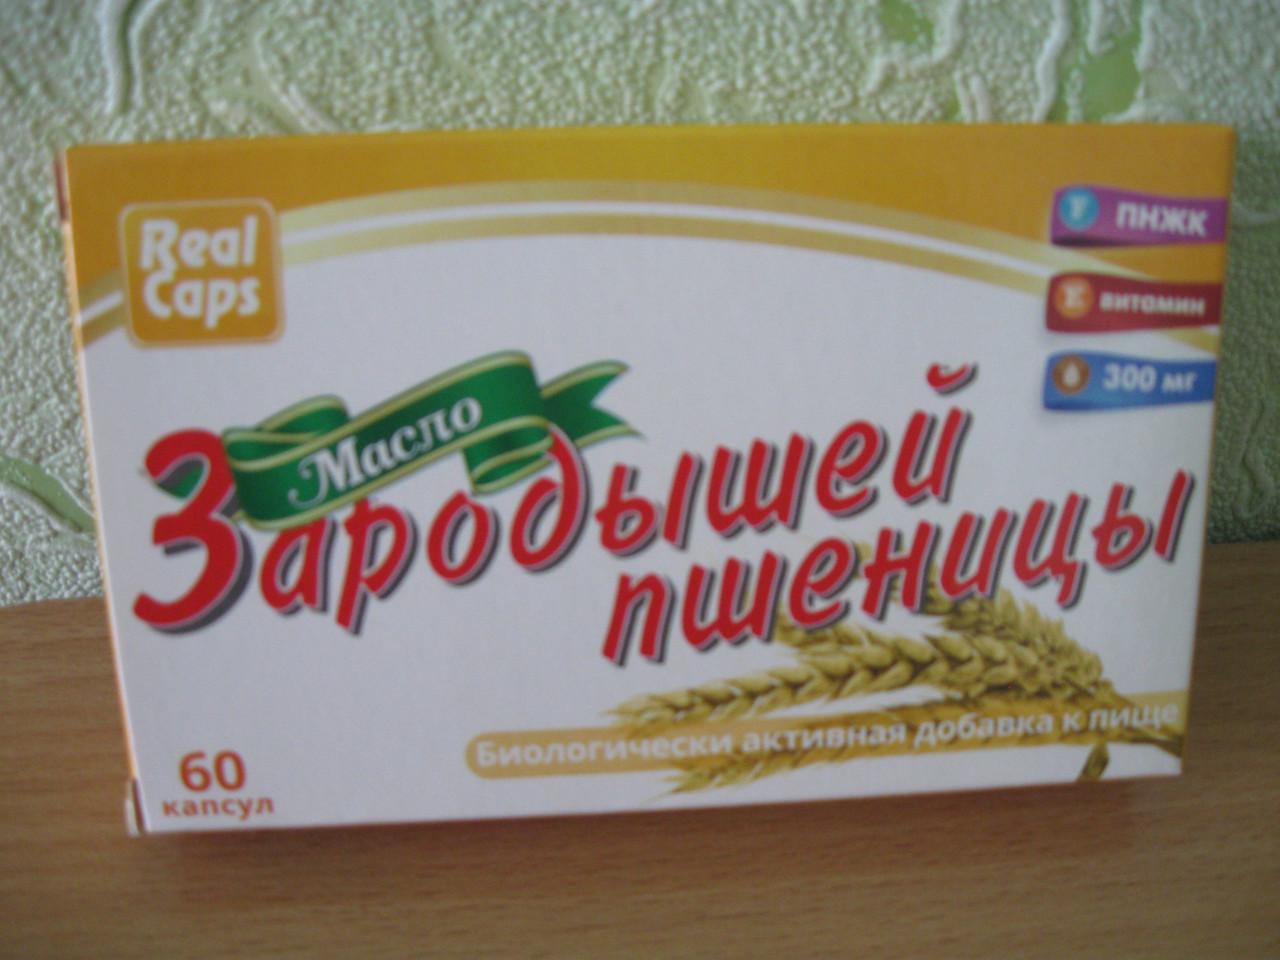 Зародышей пшеницы масло в капсулах, №60